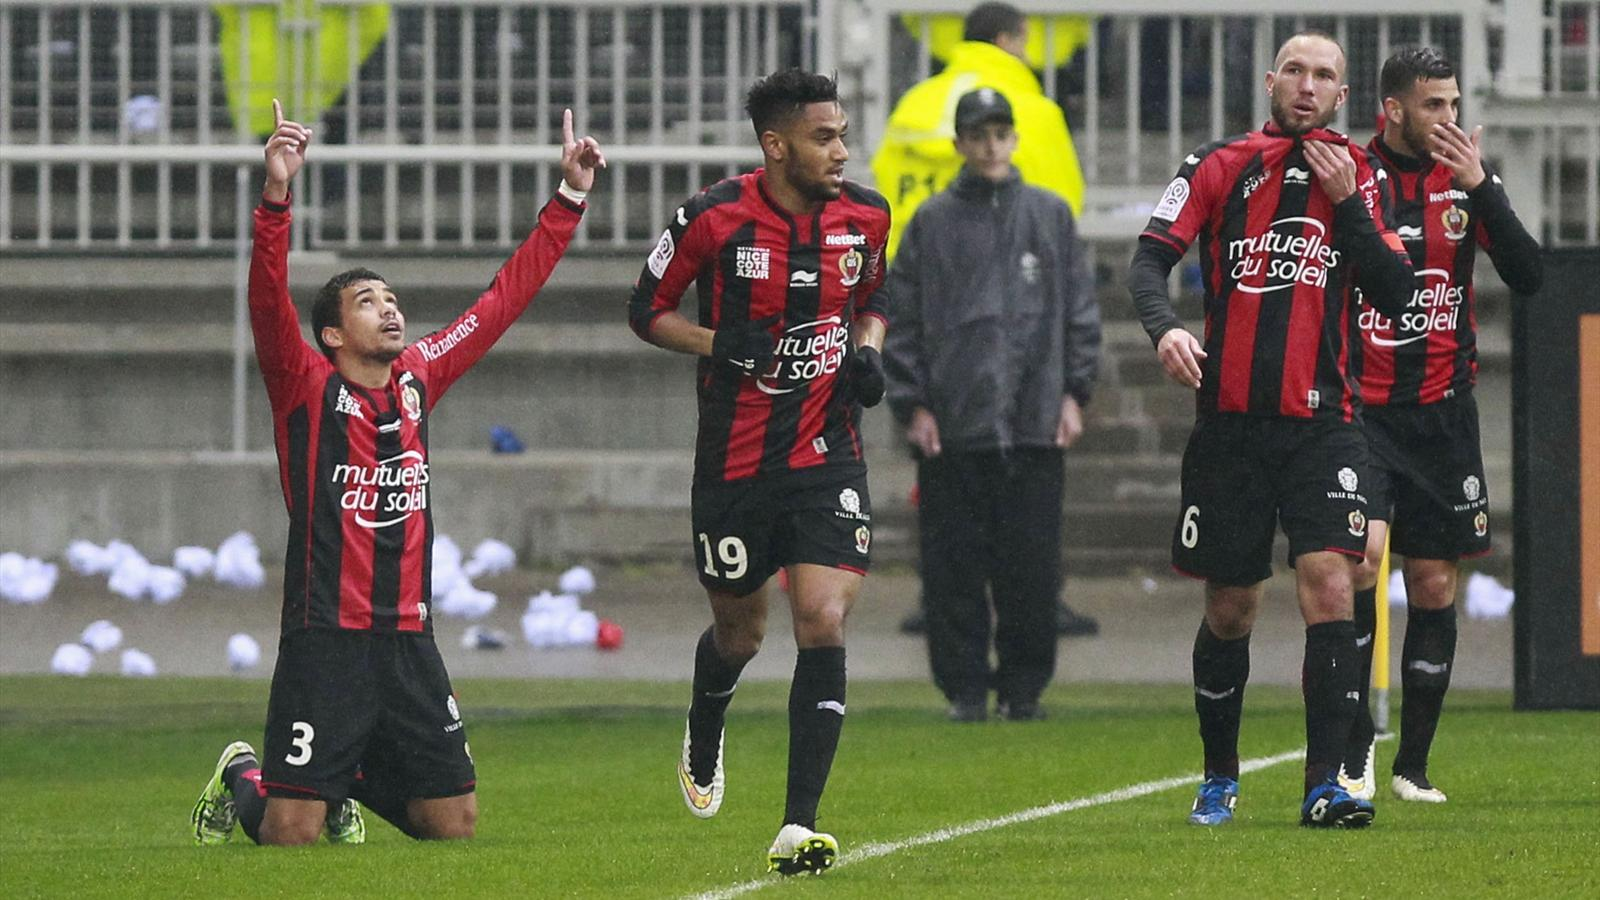 Германия - Португалия: прогноз и ставки на матч ЧМ 2014 по футболу